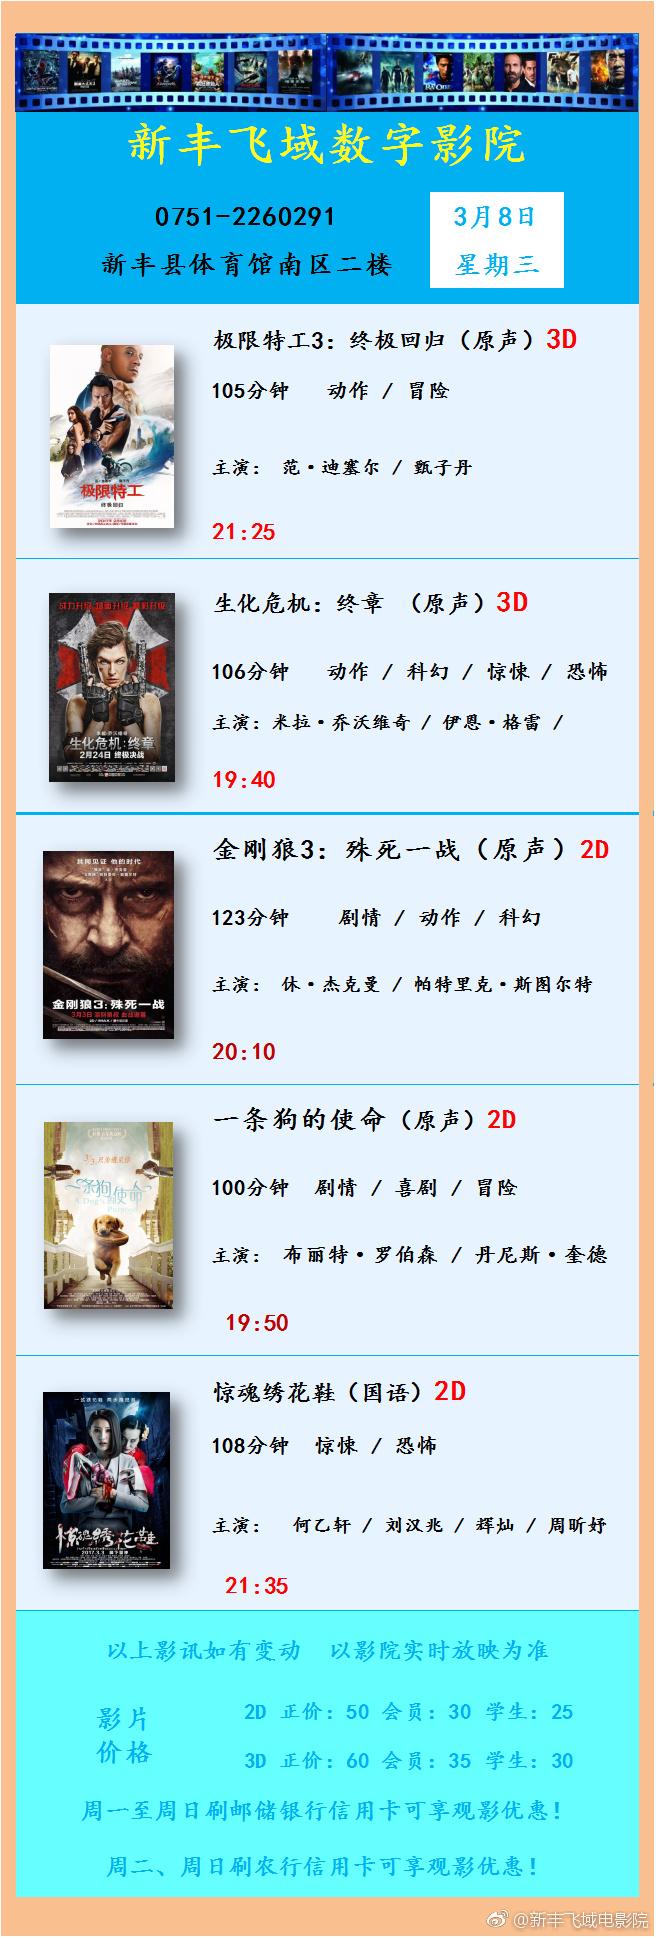 新丰电影院:新丰飞域数字影厅3月8日影讯